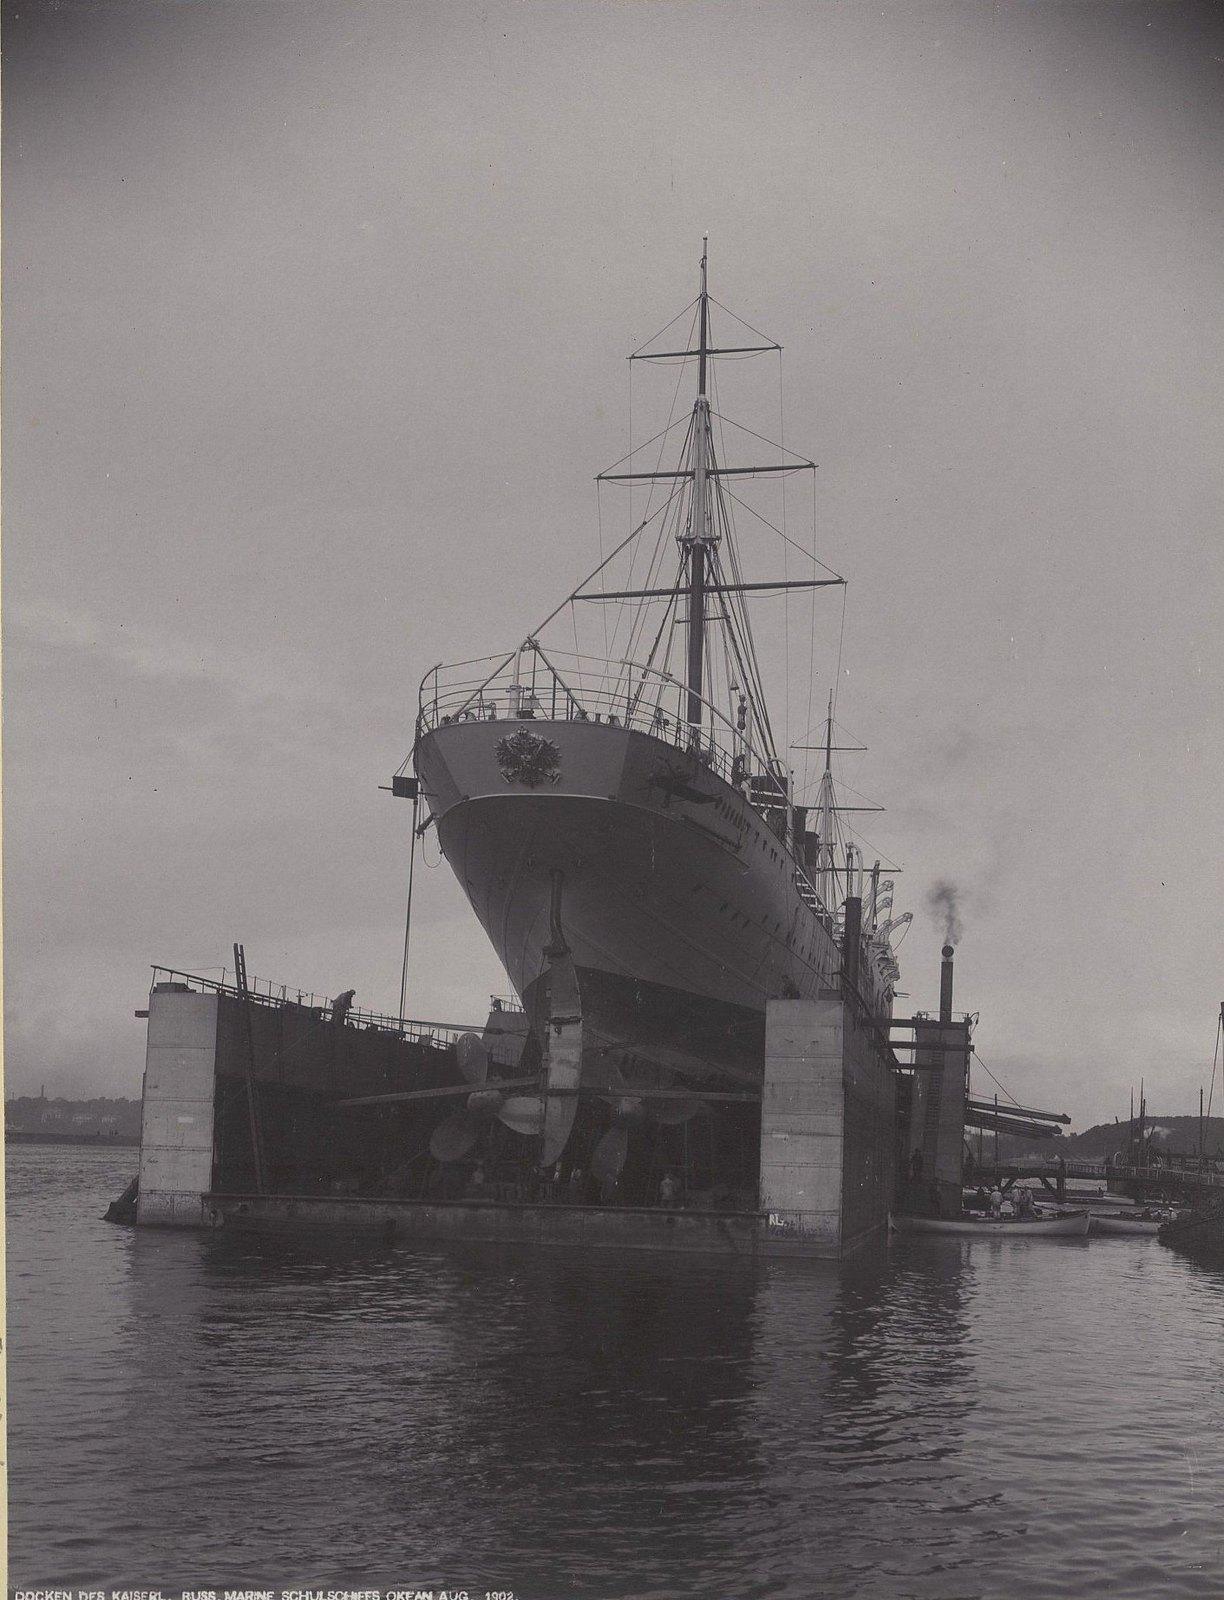 29. Учебное судно «Океан» в порту. Август 1902 г.